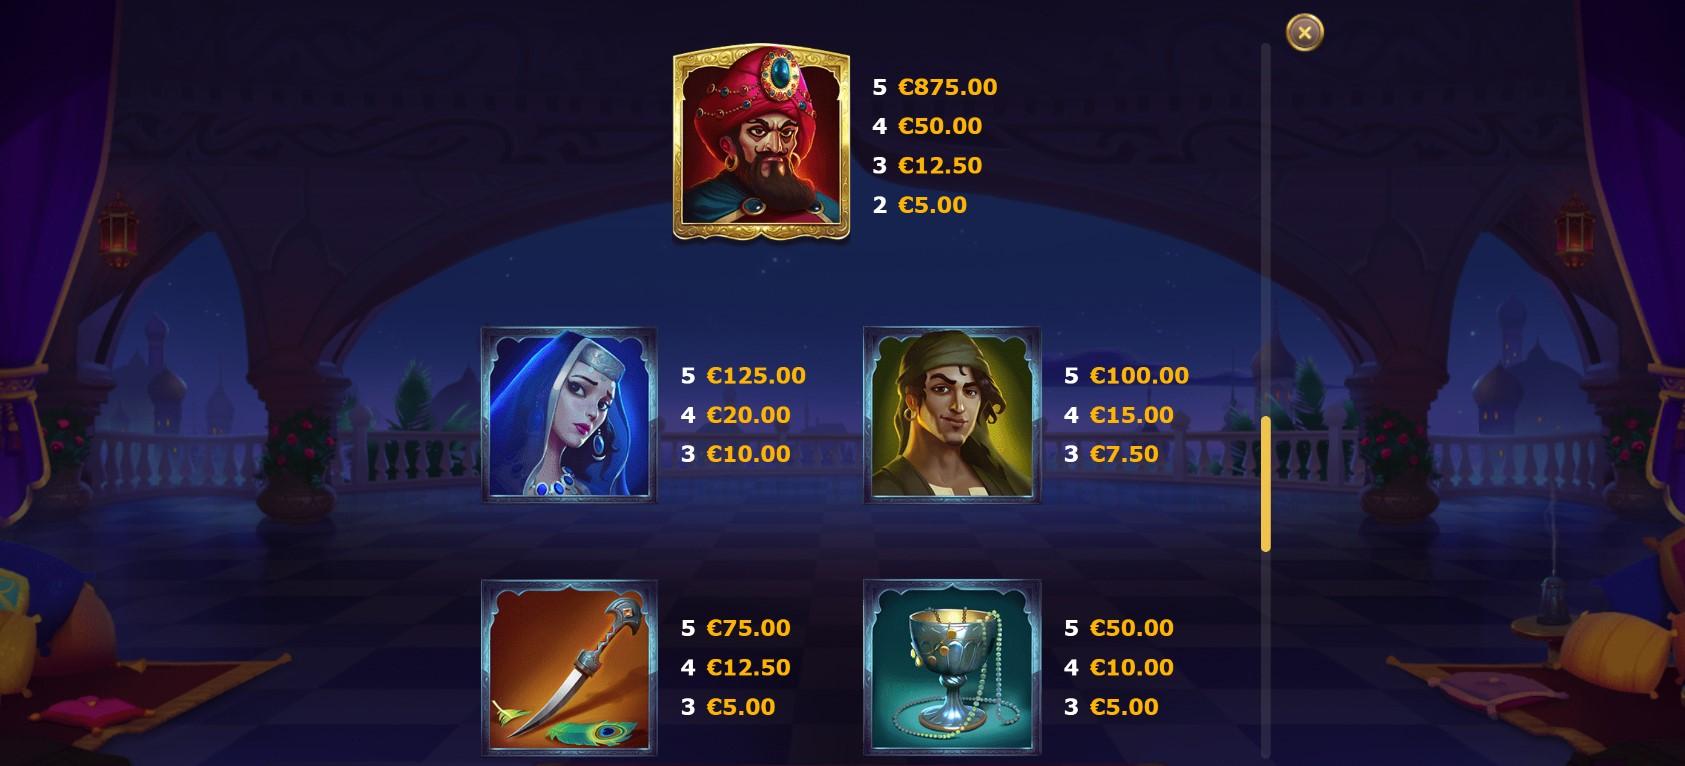 Sahara Nights Slot Paytable